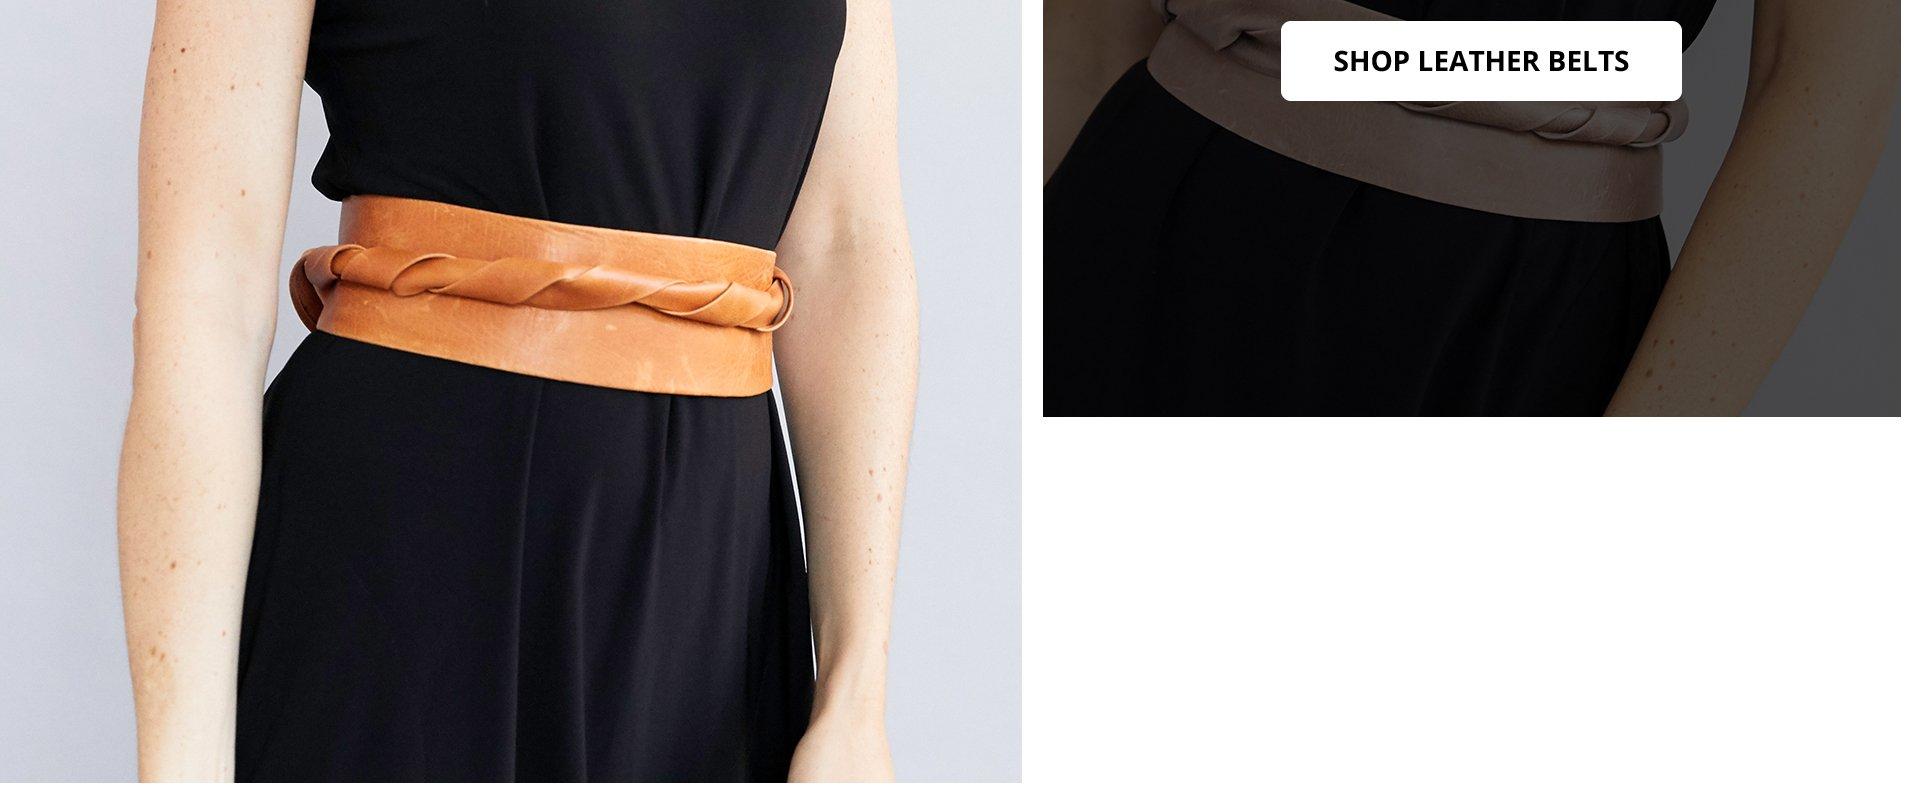 Shop Leather Belts